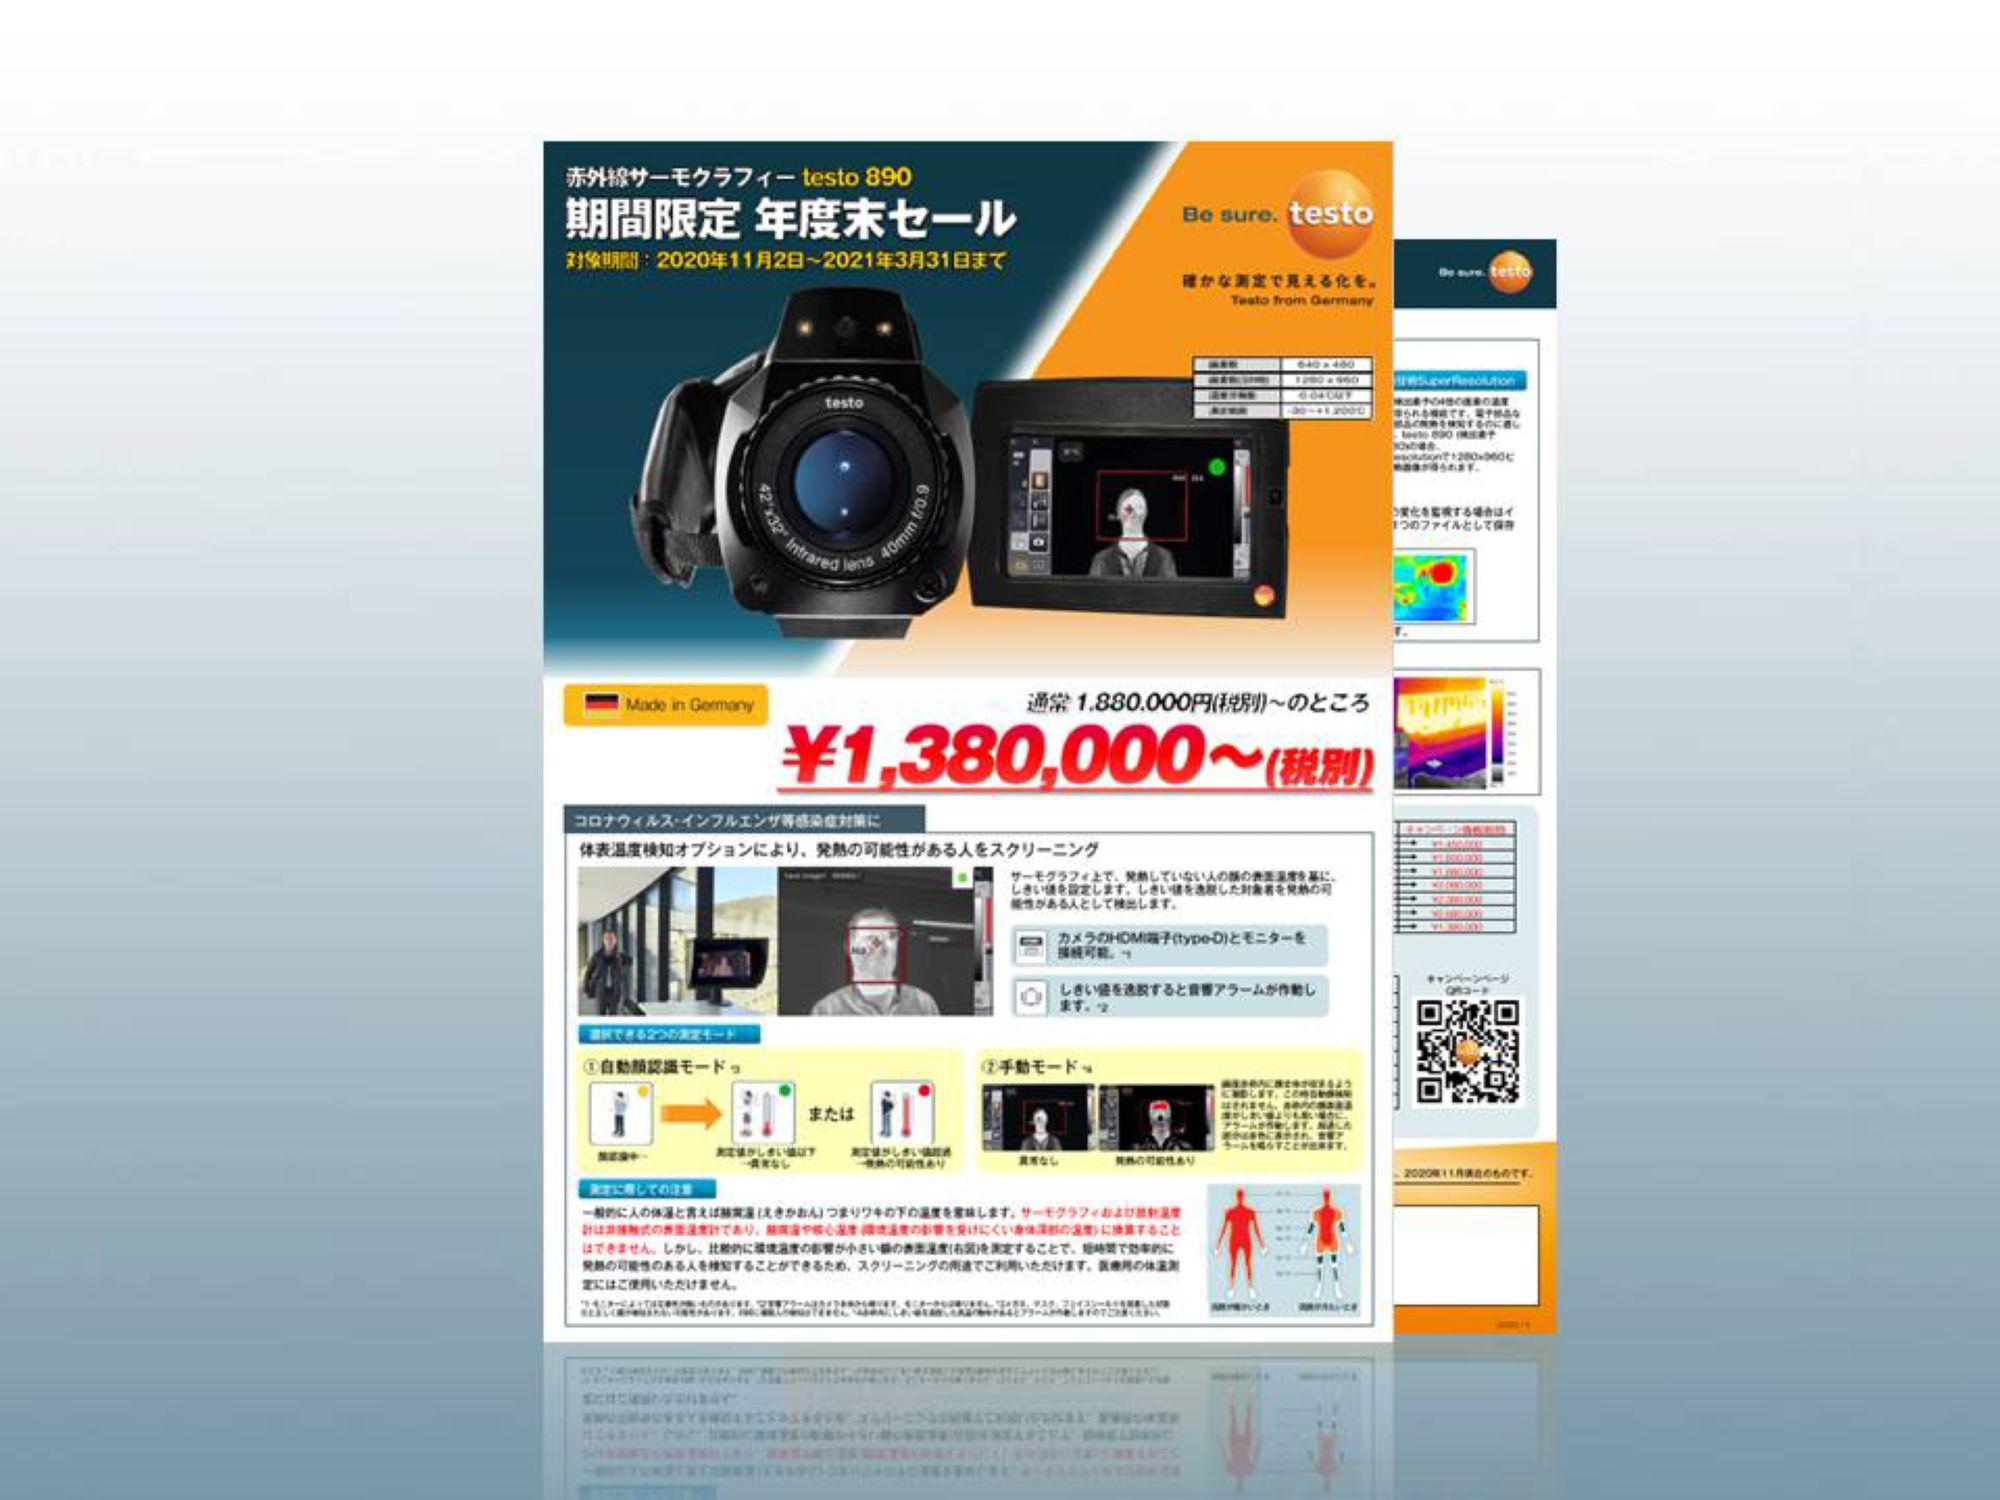 jp_catalog_testo-890_campaign_thumbnail.png